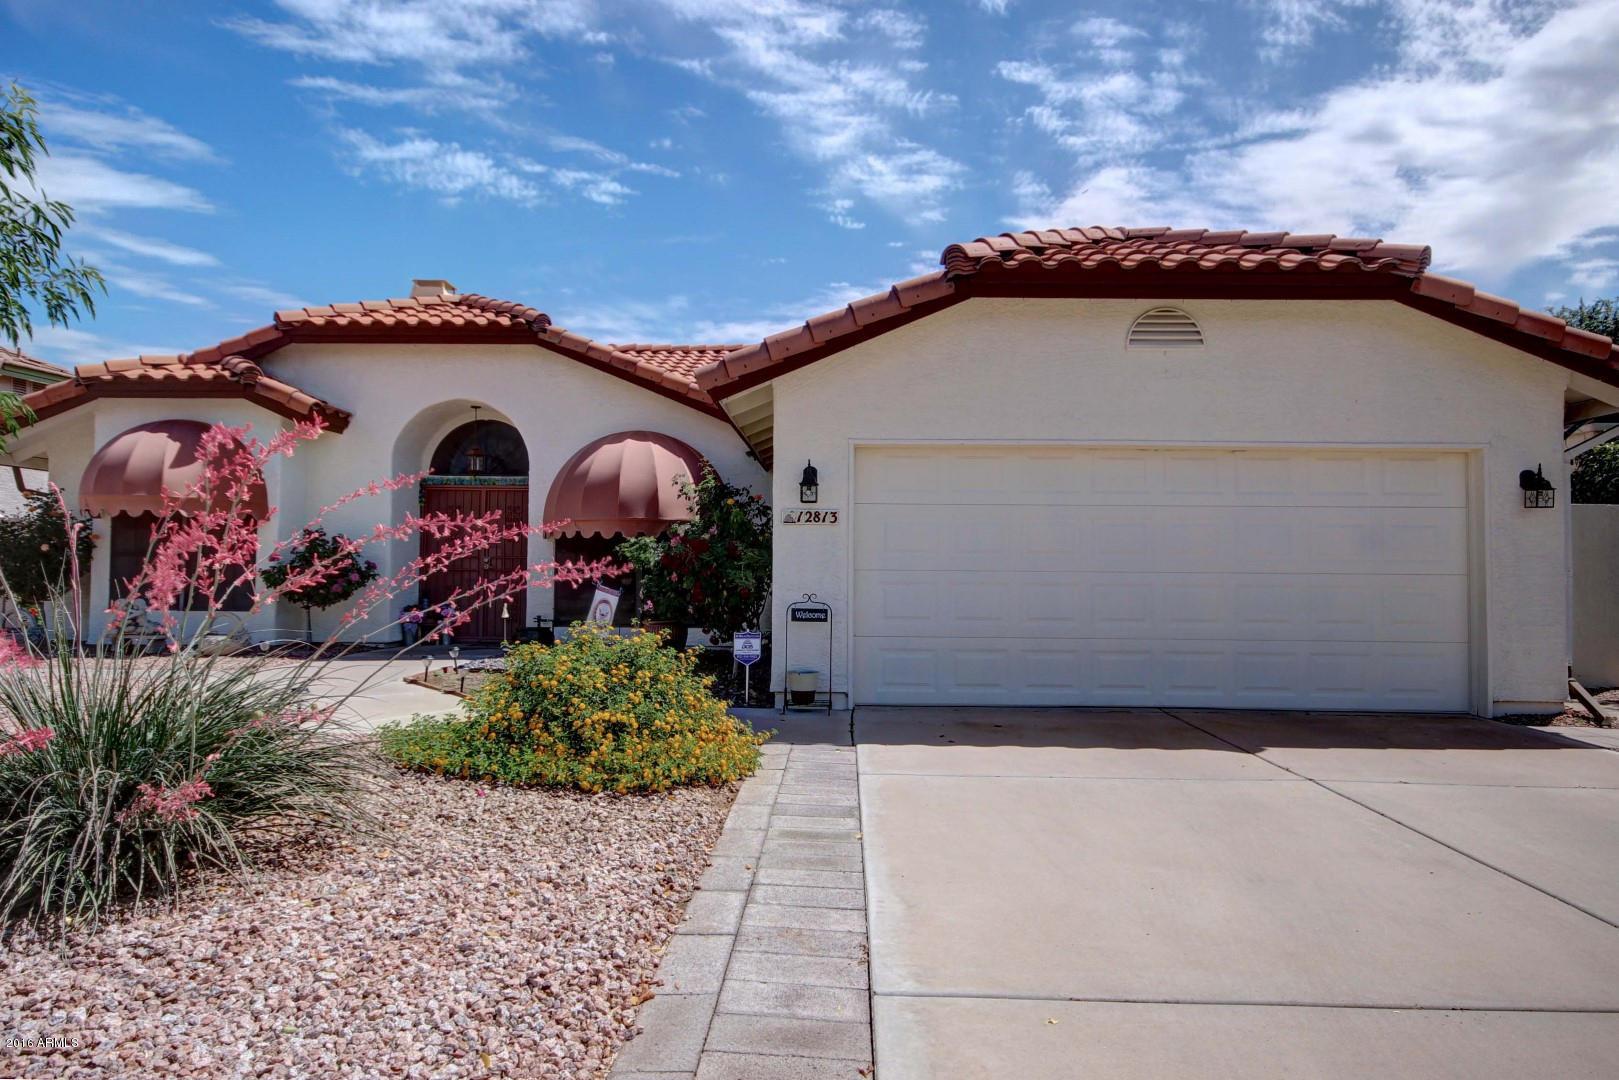 12813 S 40th  Place  Phoenix AZ 85044